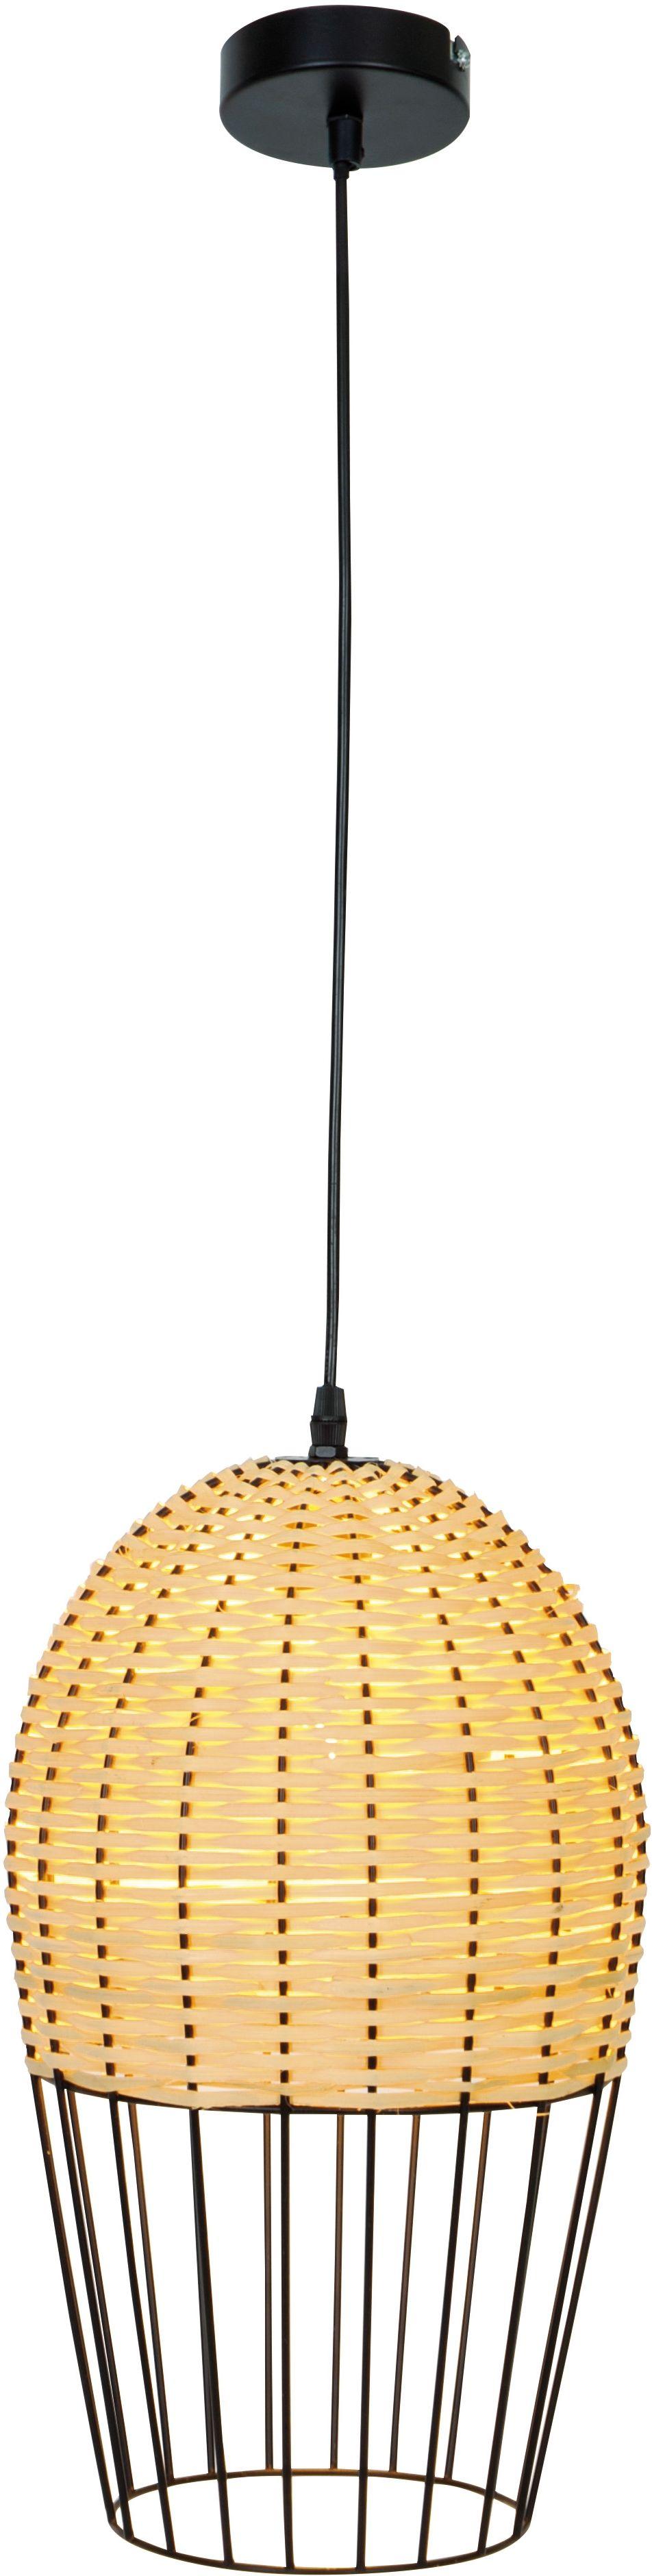 Φωτιστικό οροφής Viokef Dizzi